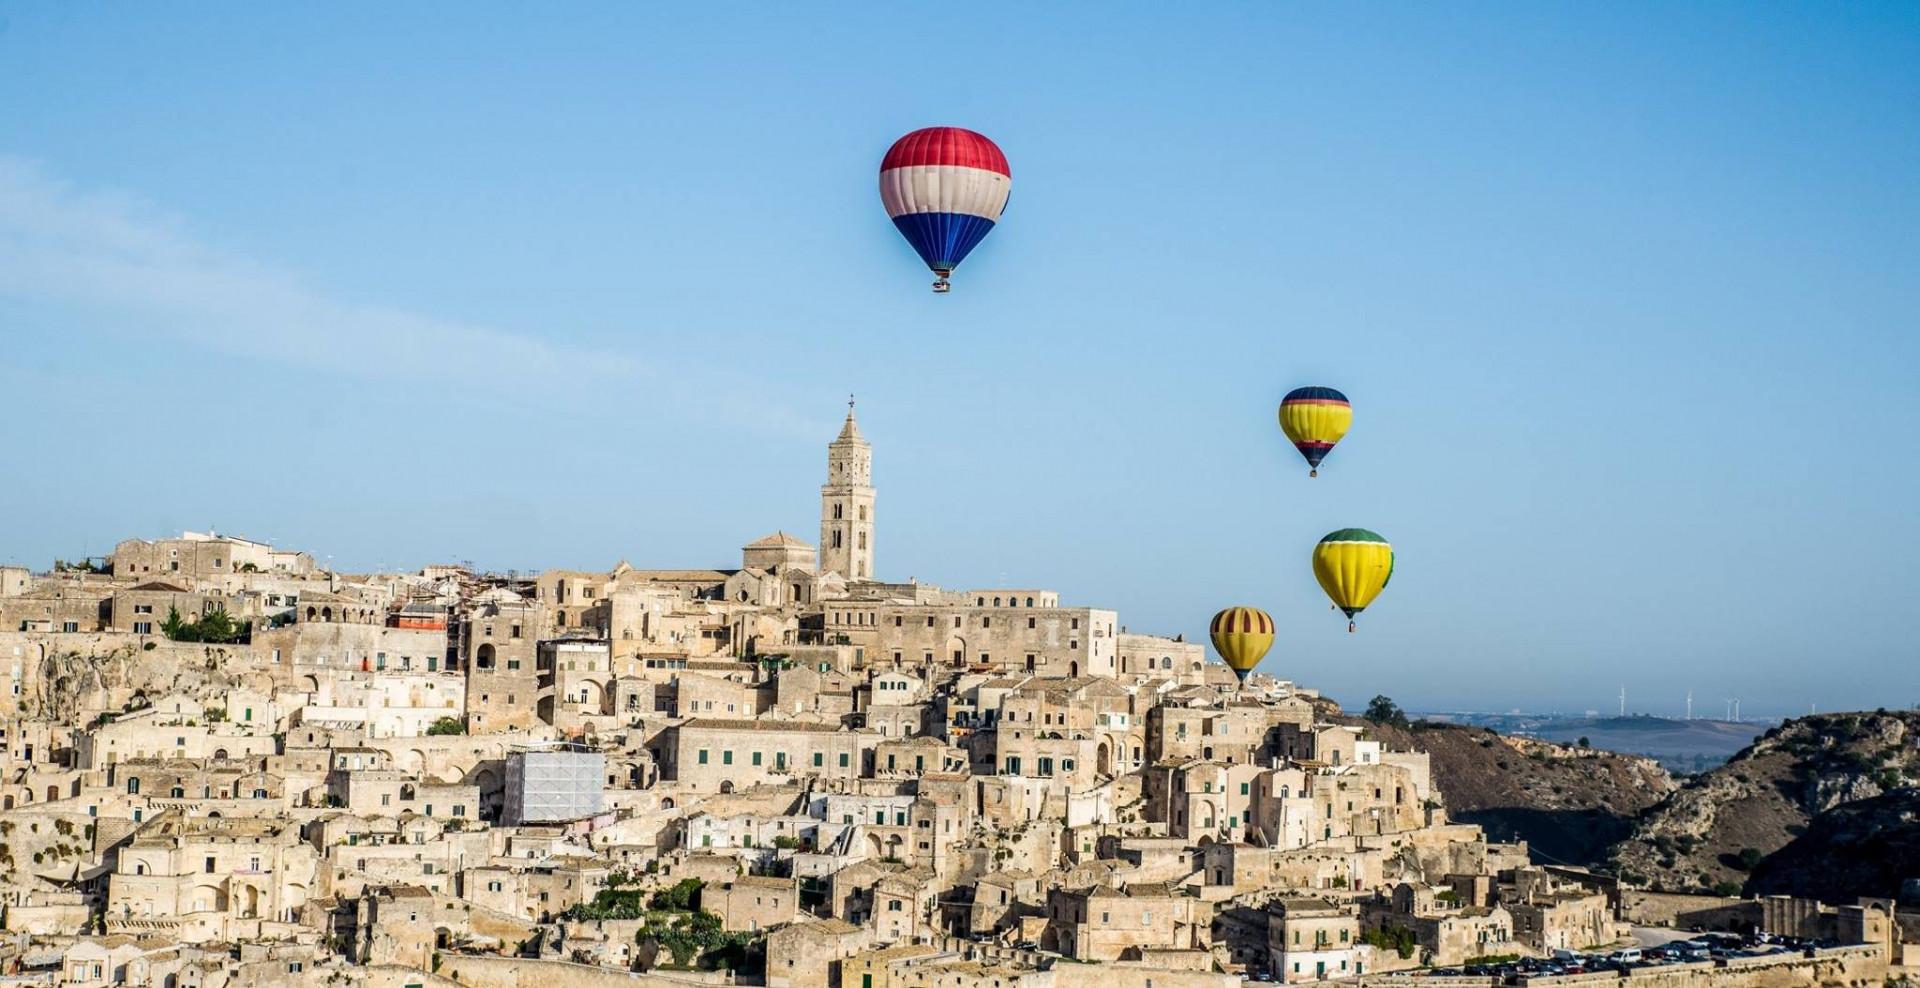 Volo di gruppo in mongolfiera a Matera